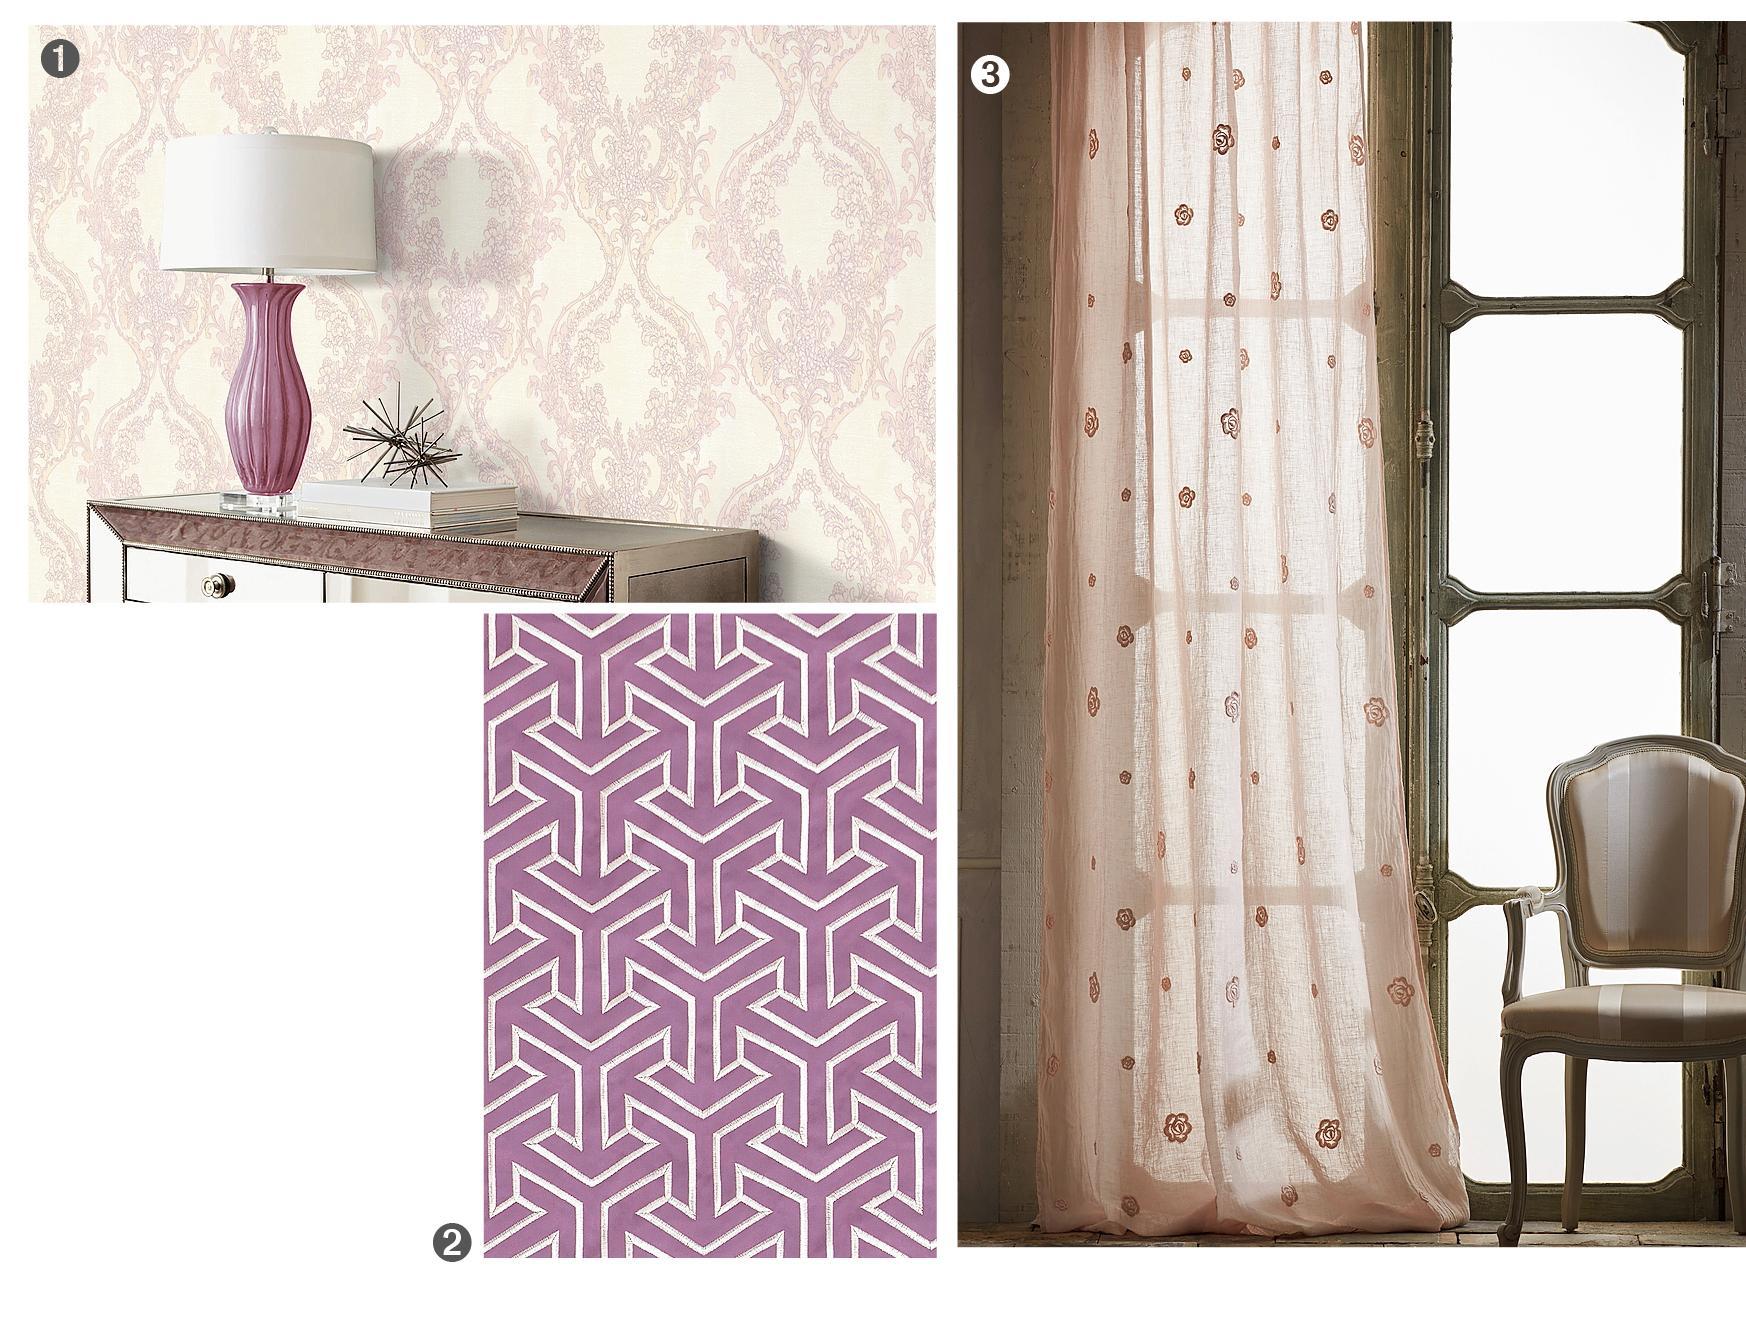 Rinnovare Divano In Tessuto tessuti per la casa: come sceglierli e abbinarli - cose di casa